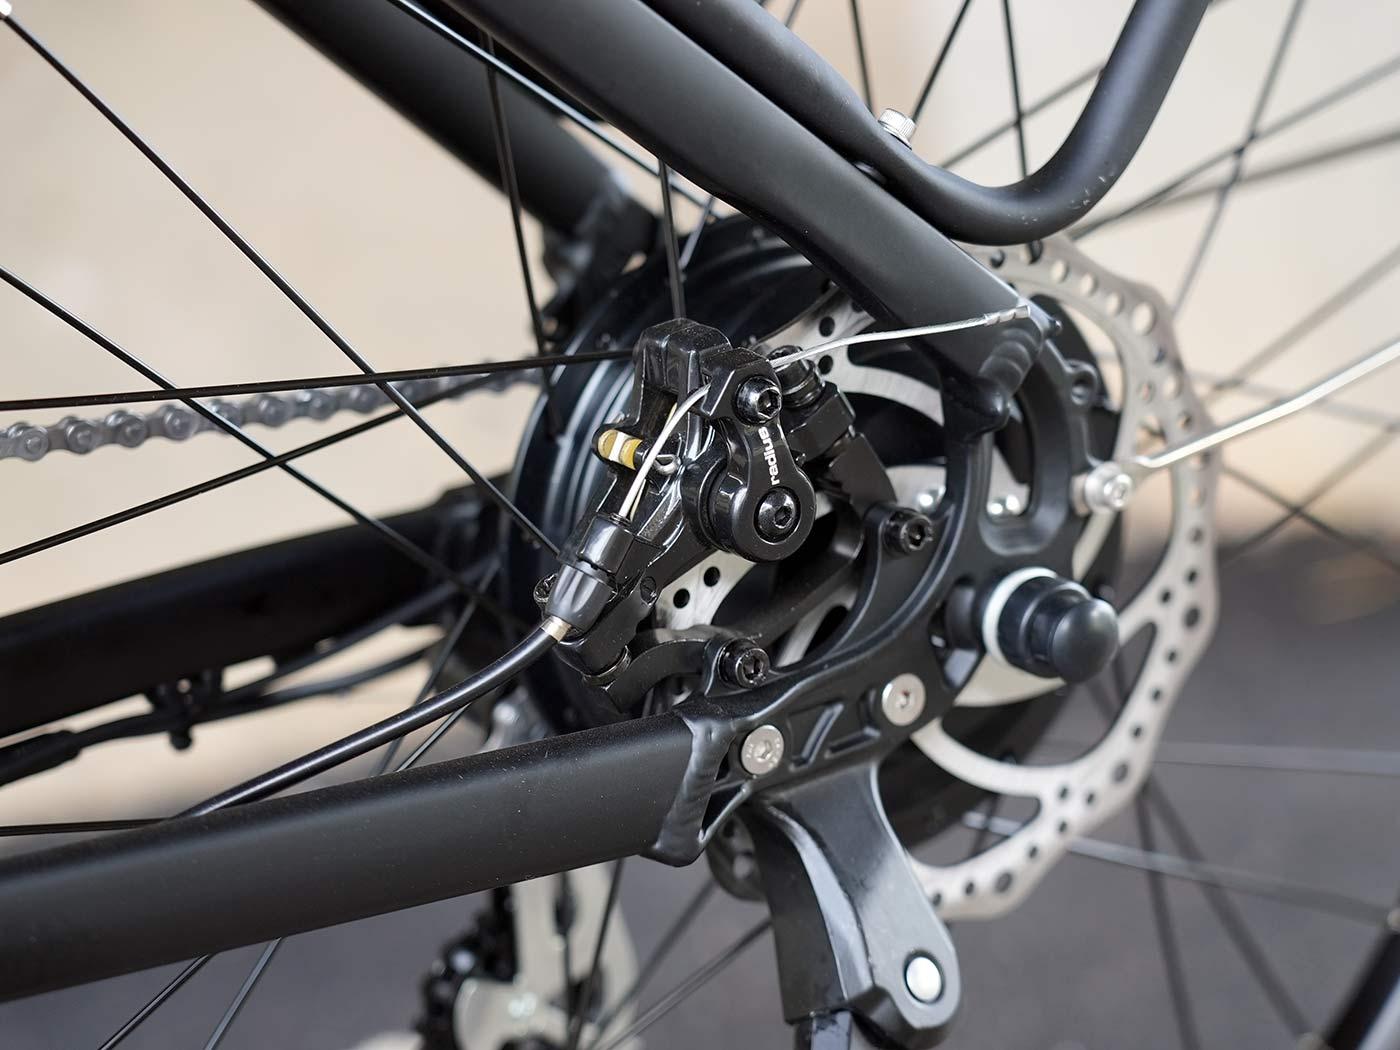 kbo breeze commuter e-bike disc brakes